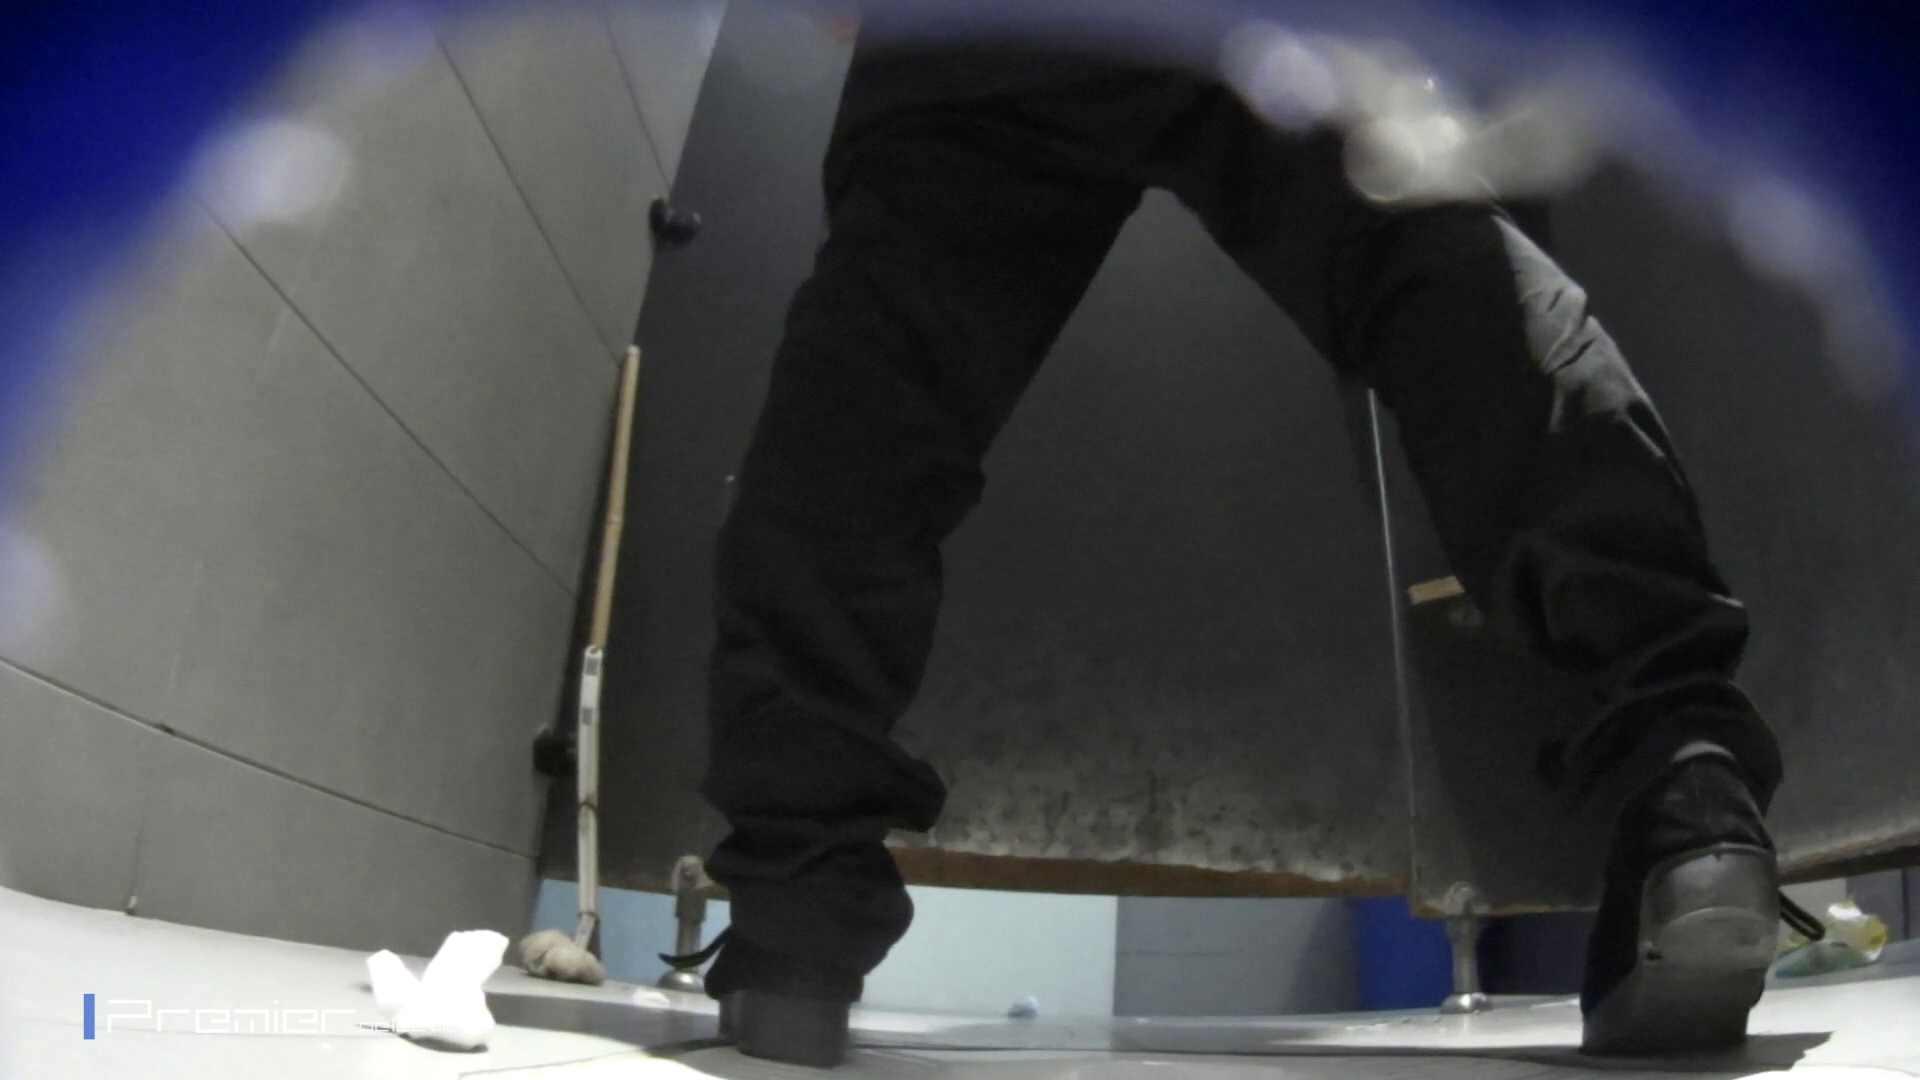 黒スパッツ美女 大学休憩時間の洗面所事情70 美肌 おまんこ無修正動画無料 79枚 15